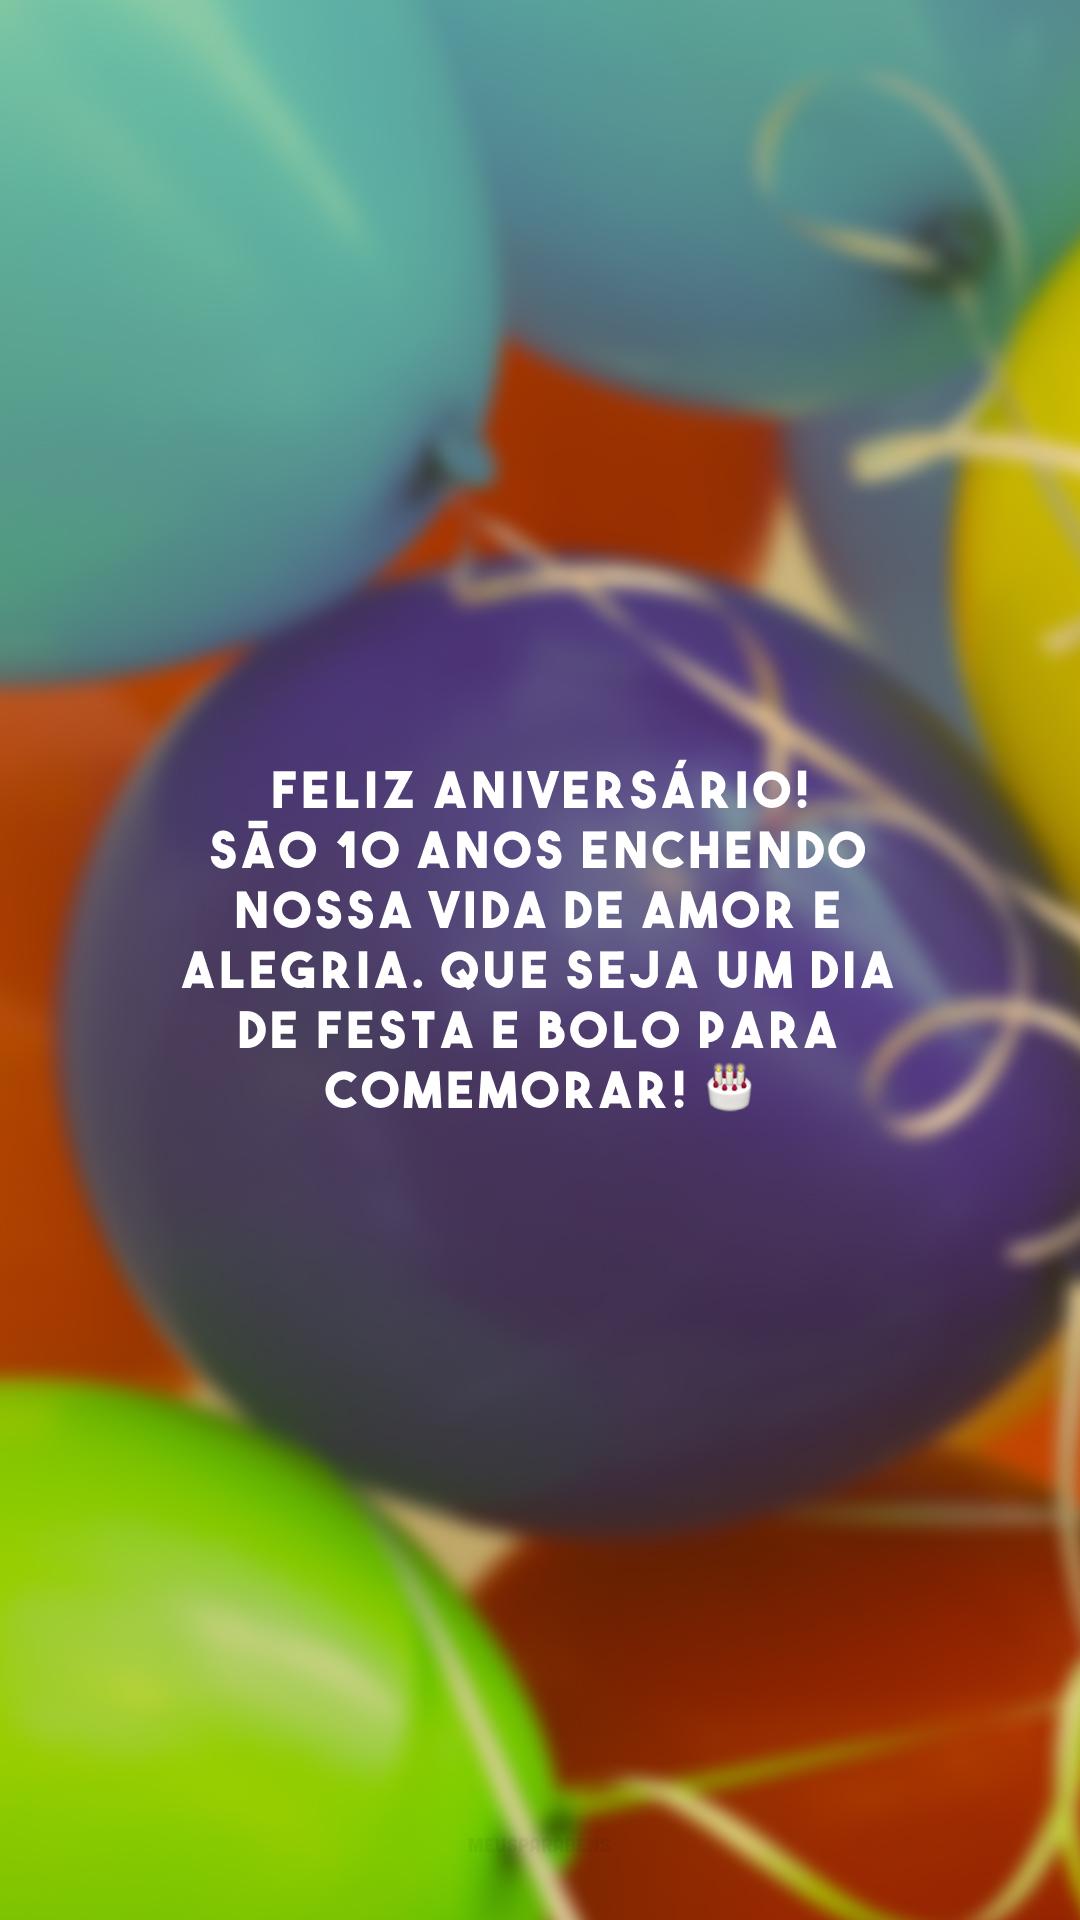 Feliz aniversário! São 10 anos enchendo nossa vida de amor e alegria. Que seja um dia de festa e bolo para comemorar! 🎂